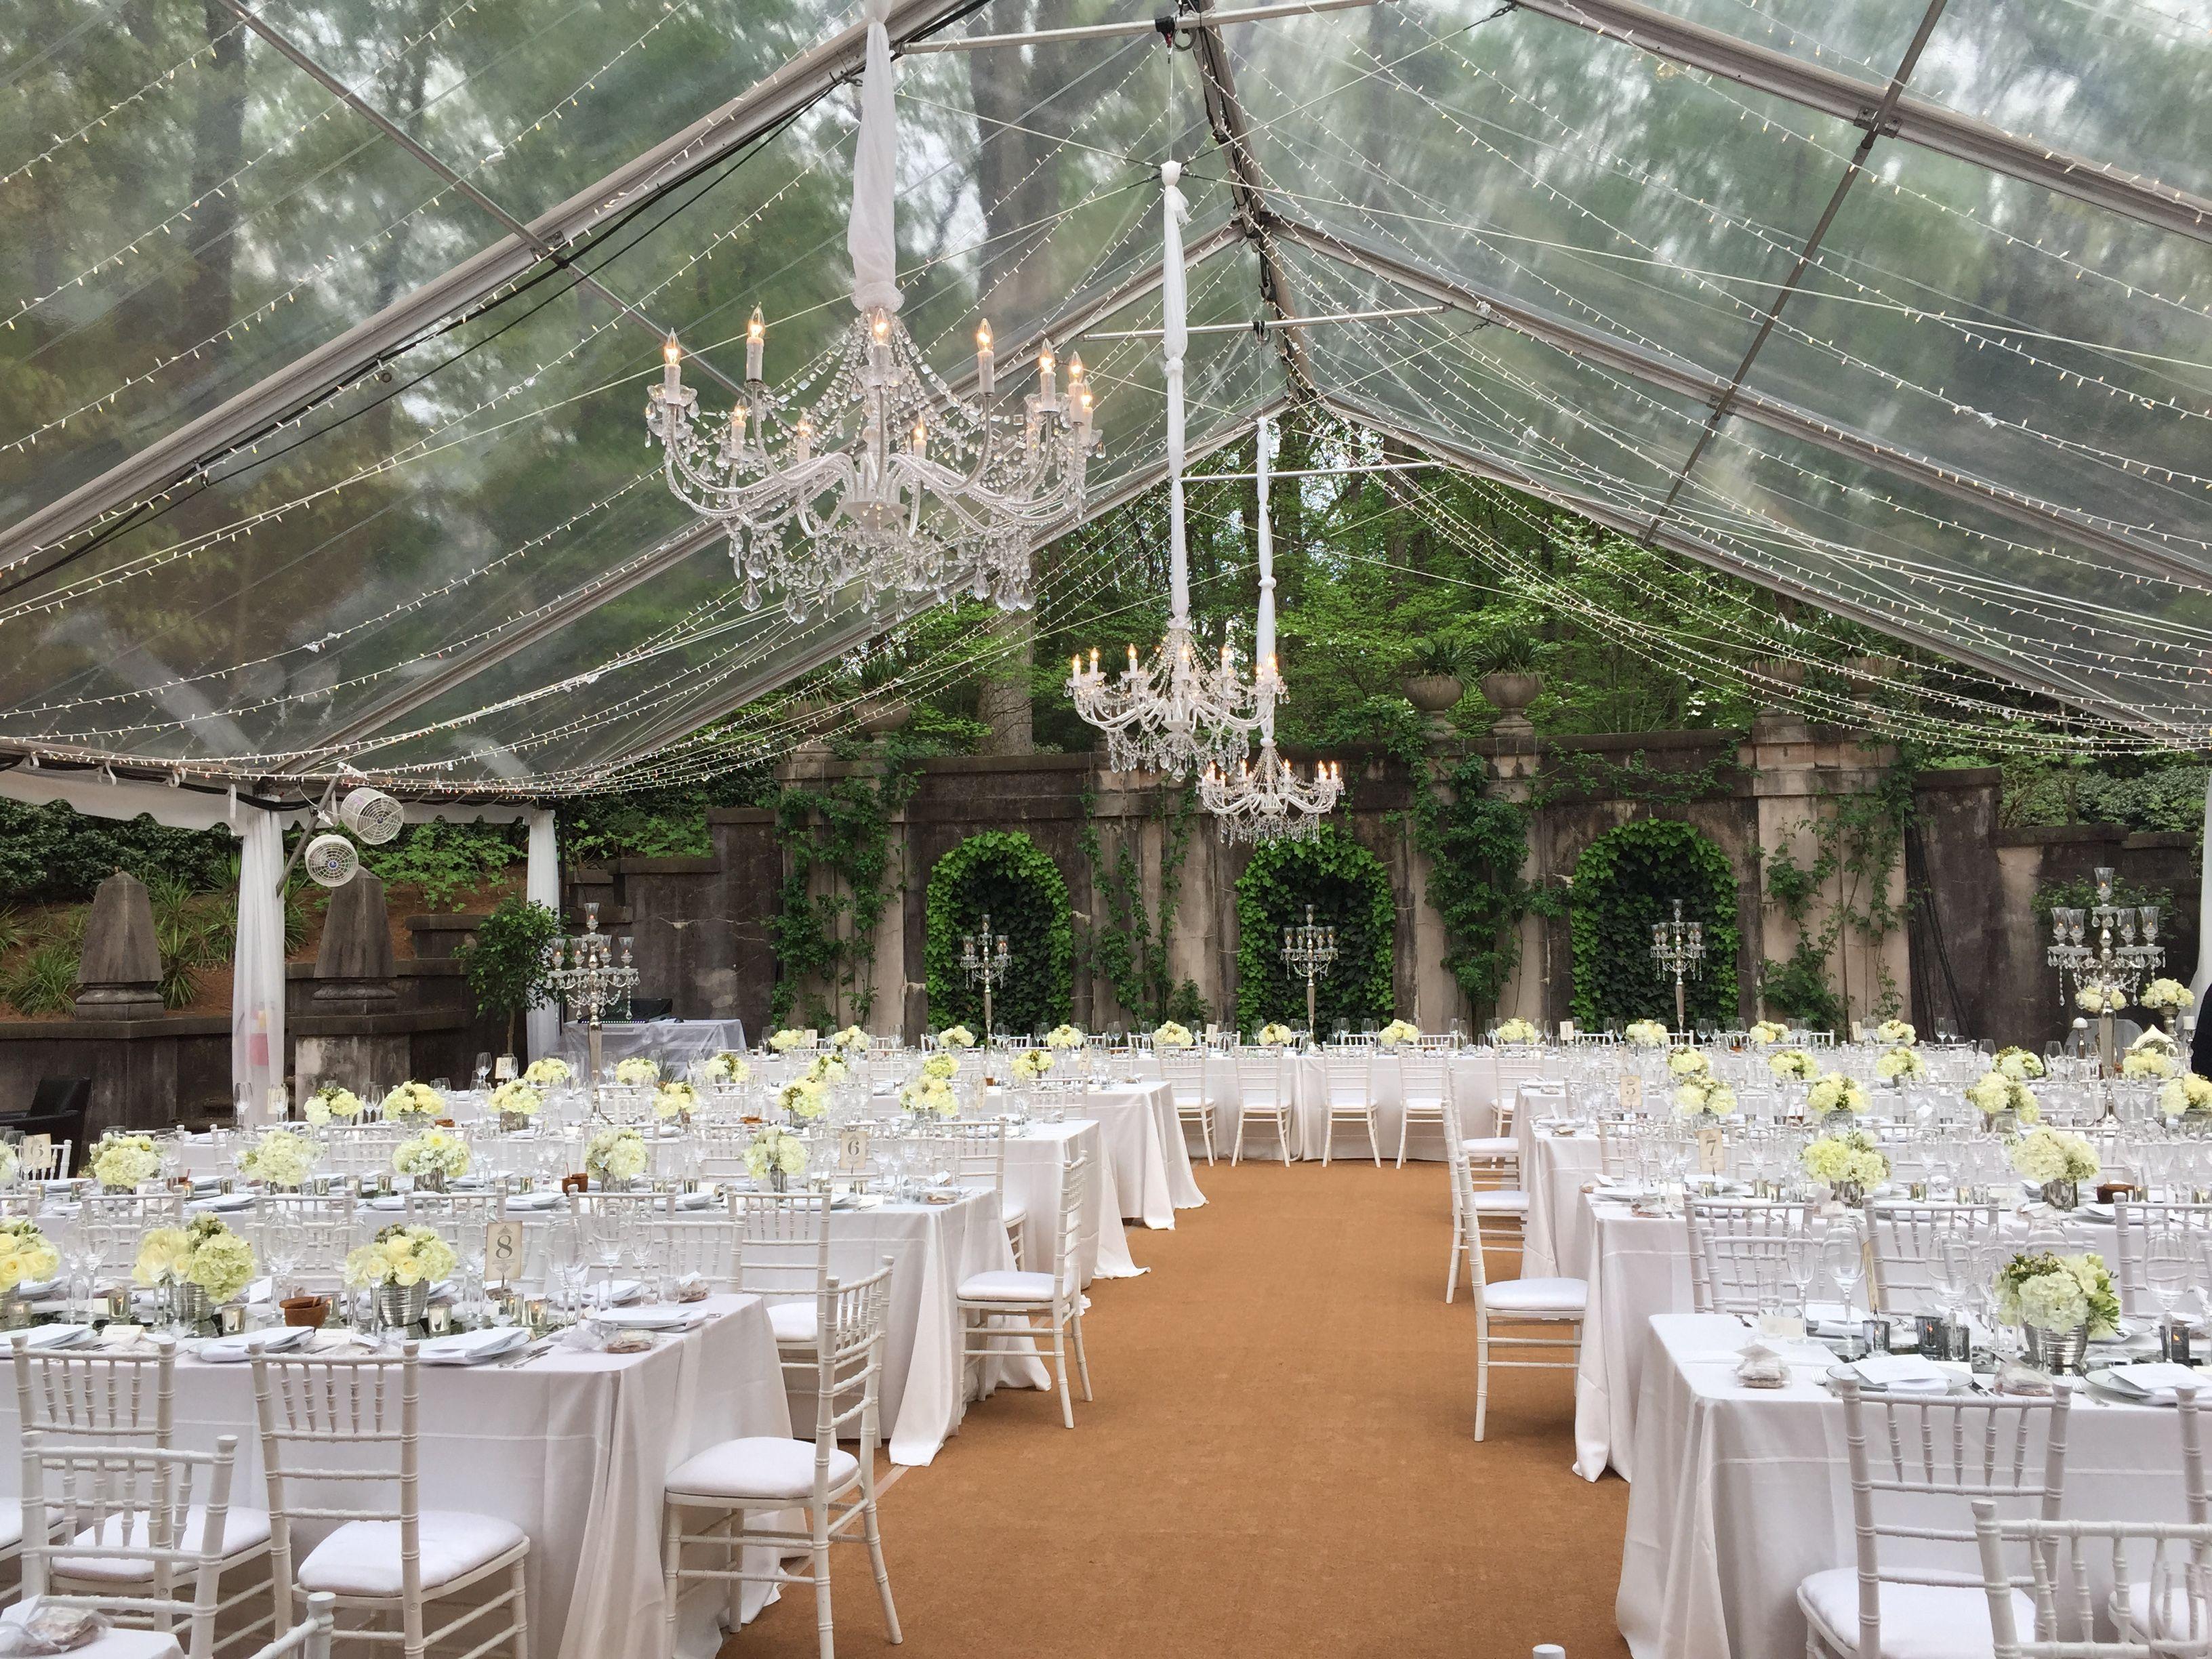 Swan House Gardens Atlanta Wedding Venues Atlanta History Center Wedding Georgia Wedding Venues